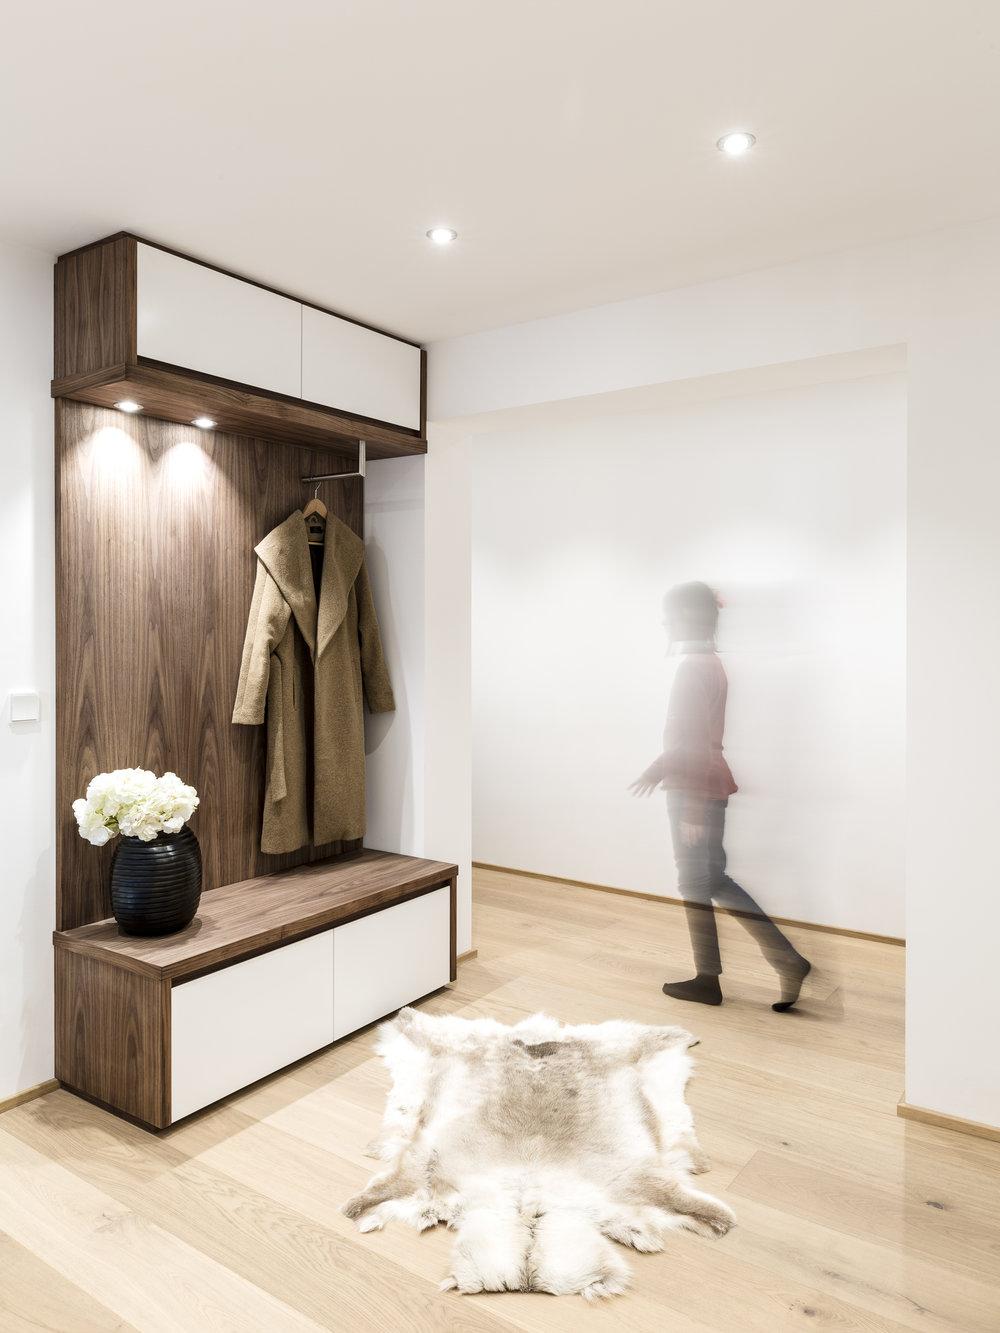 Architektur, München, Wohnung, Raissa Axmann